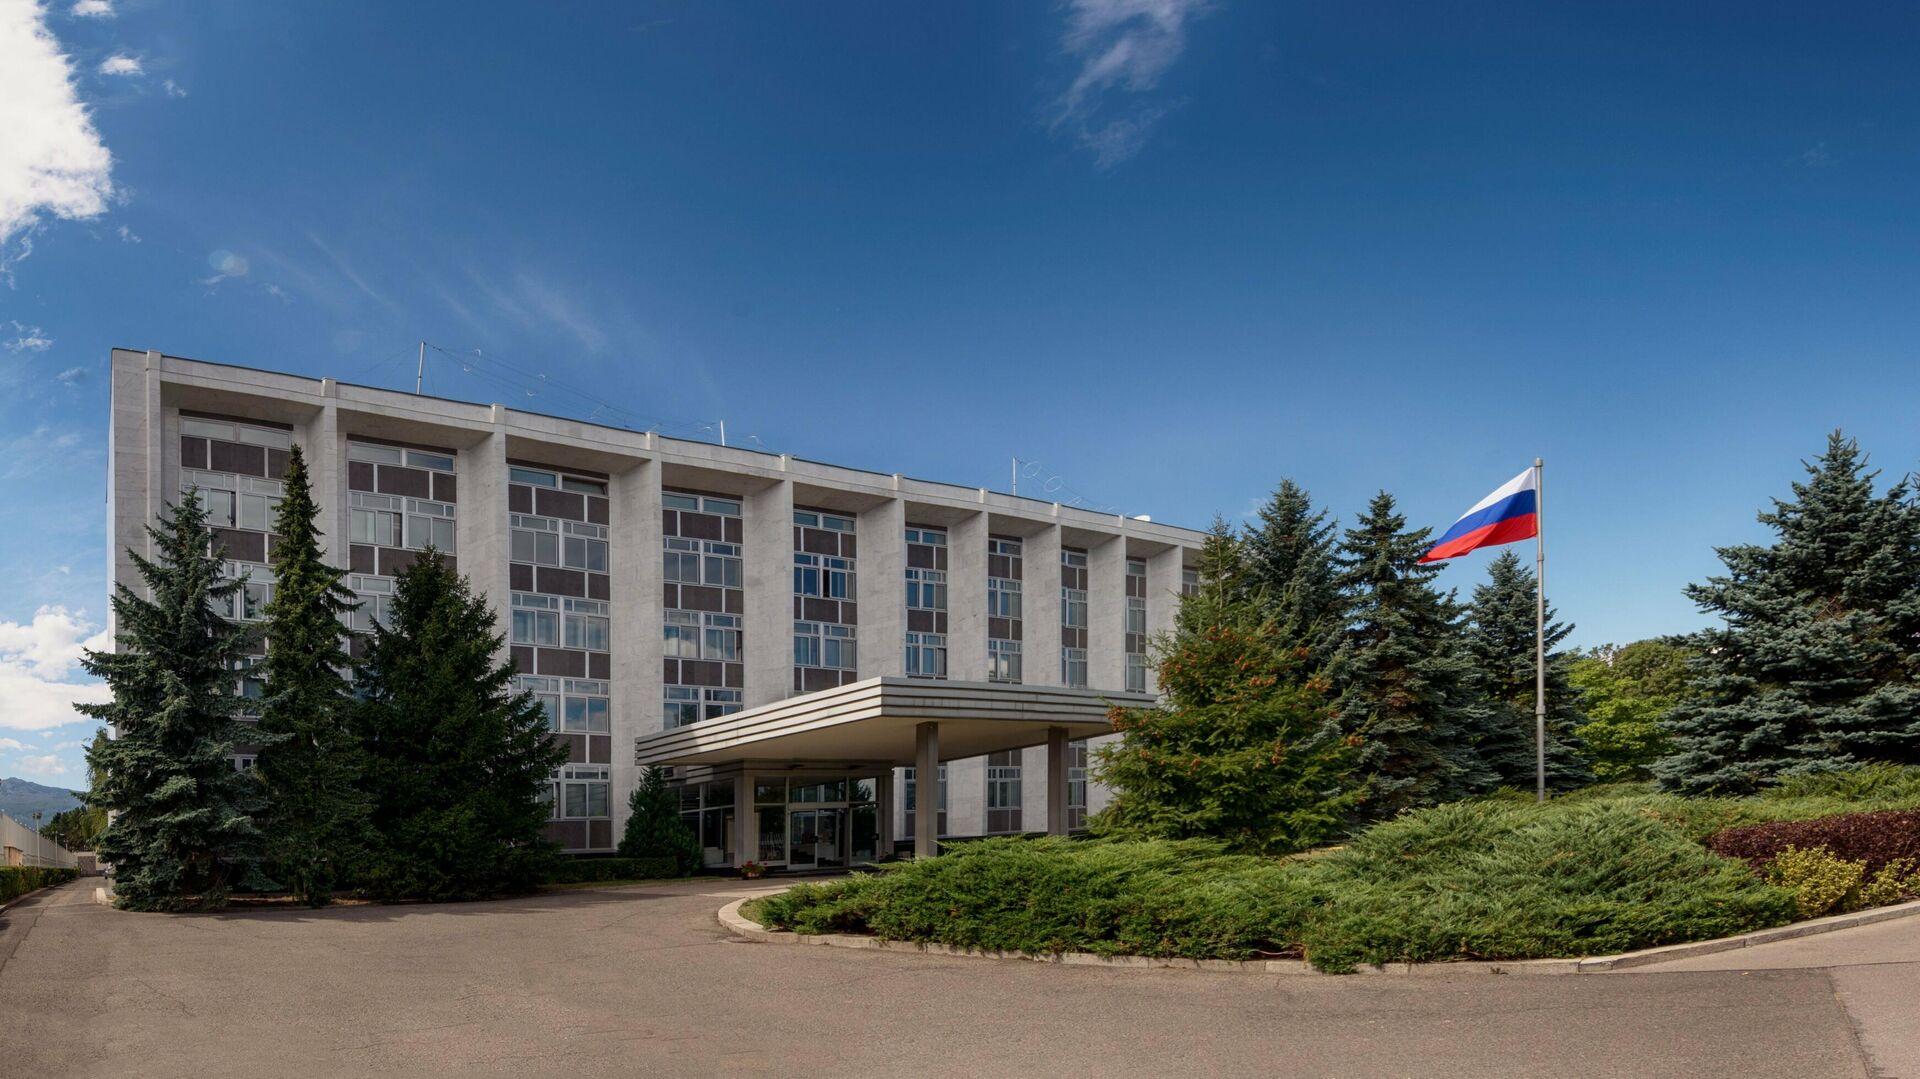 Здание Посольства Российской Федерации в Болгарии - РИА Новости, 1920, 23.09.2020